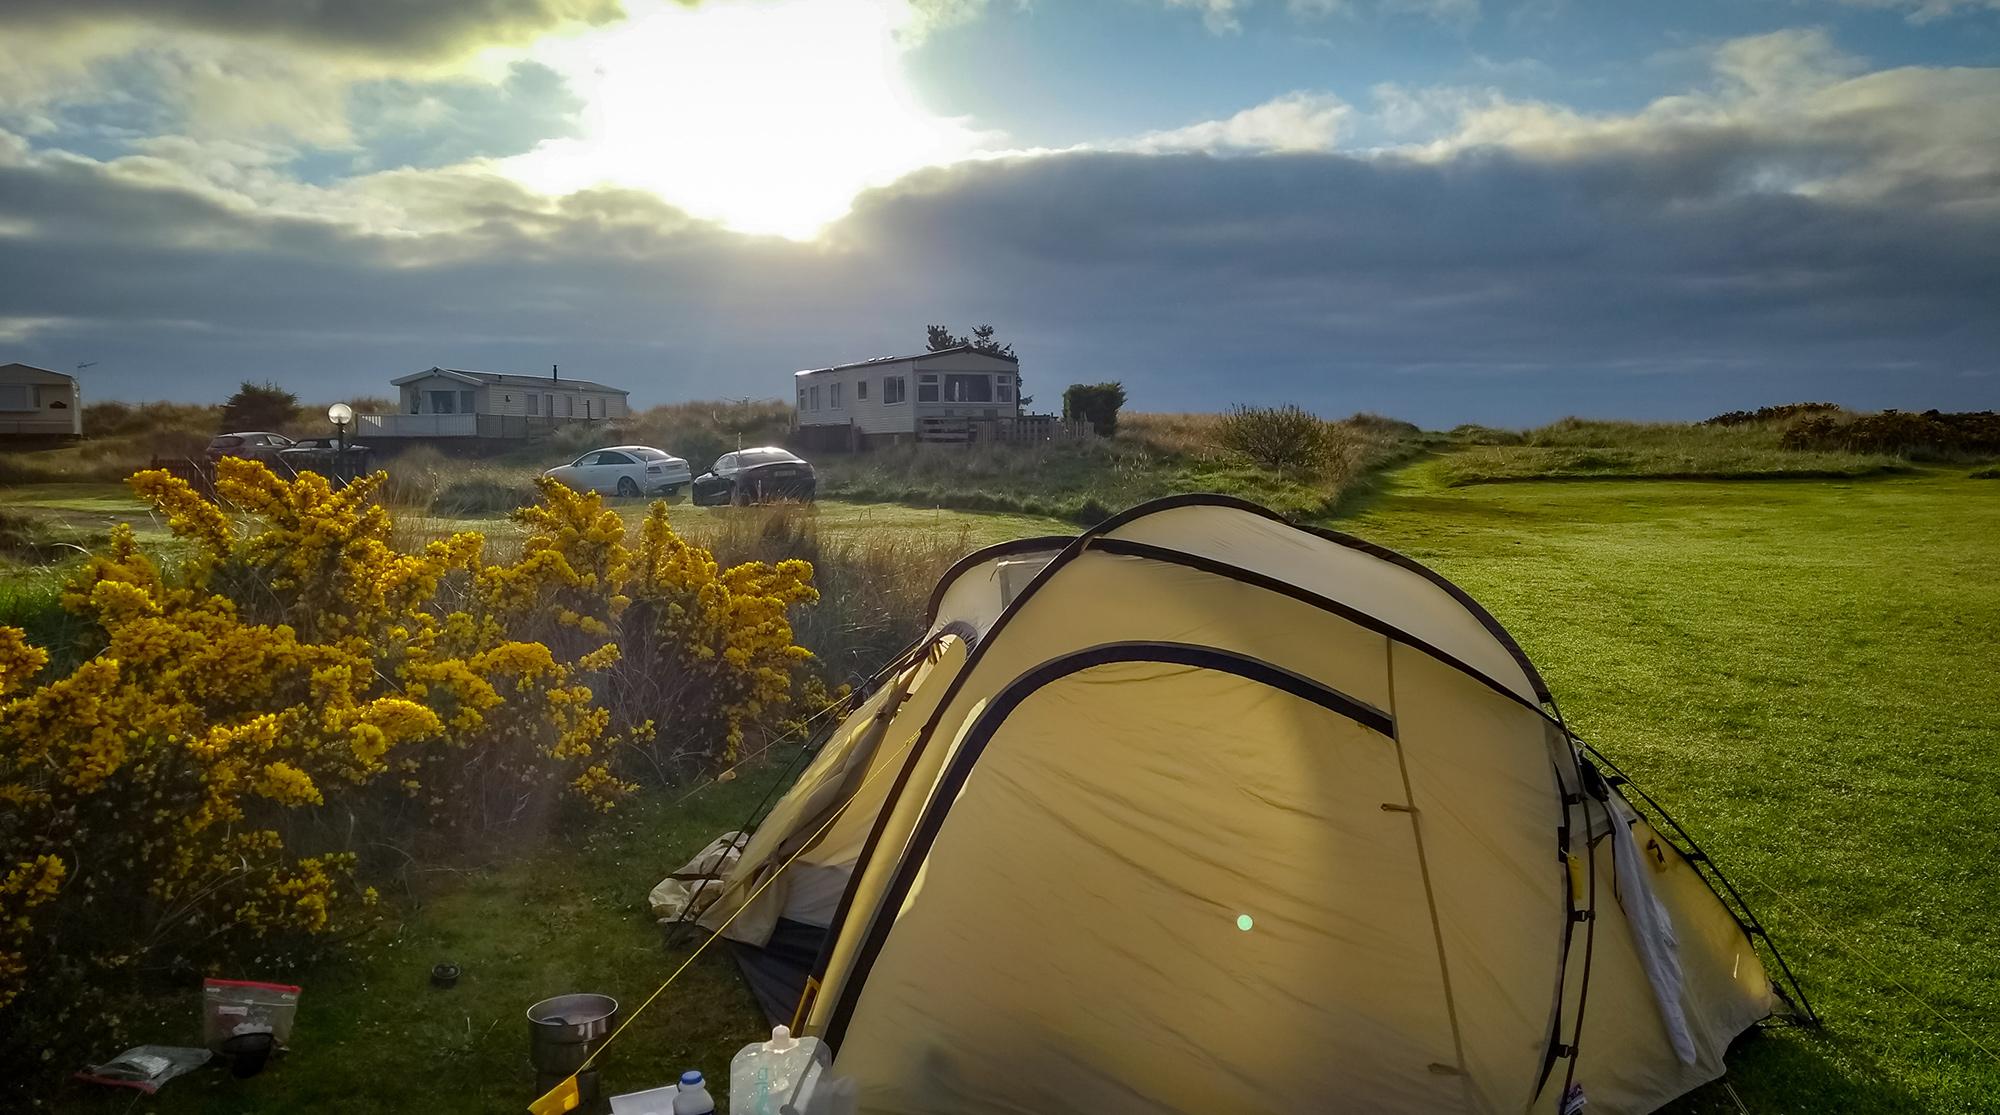 Unser Wechsel Zelt auf dem Camoingplatz in Dornoch in der Morgensonne